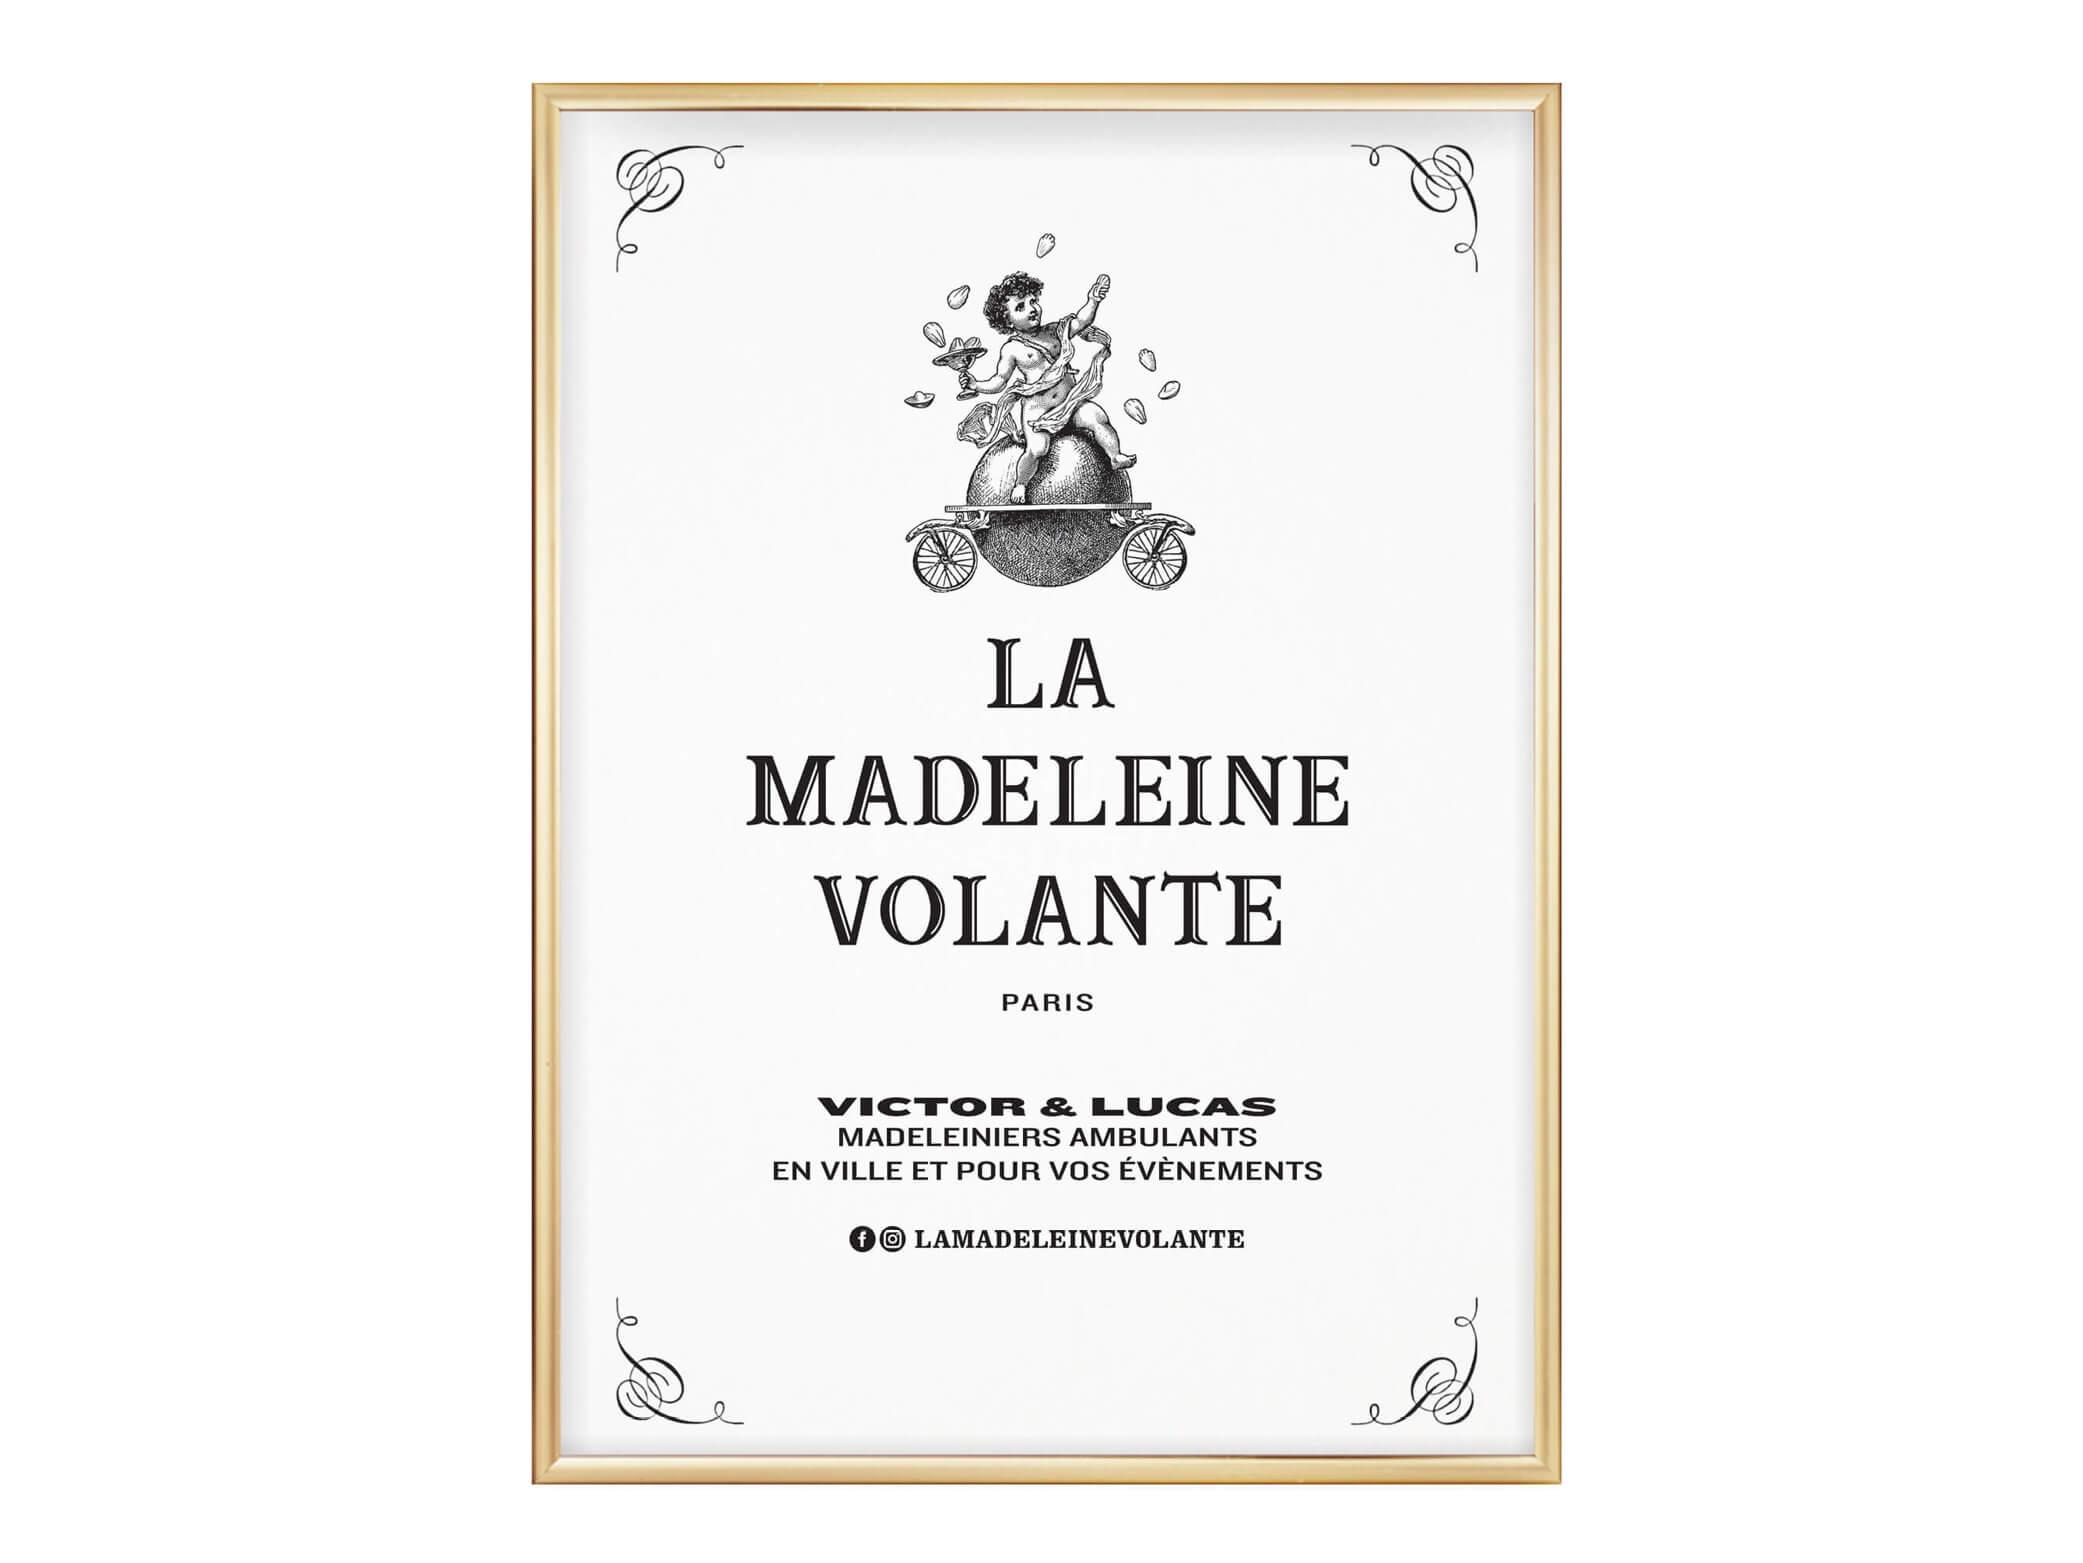 cadre-start-up-la-madeleine-volante-ichetkar